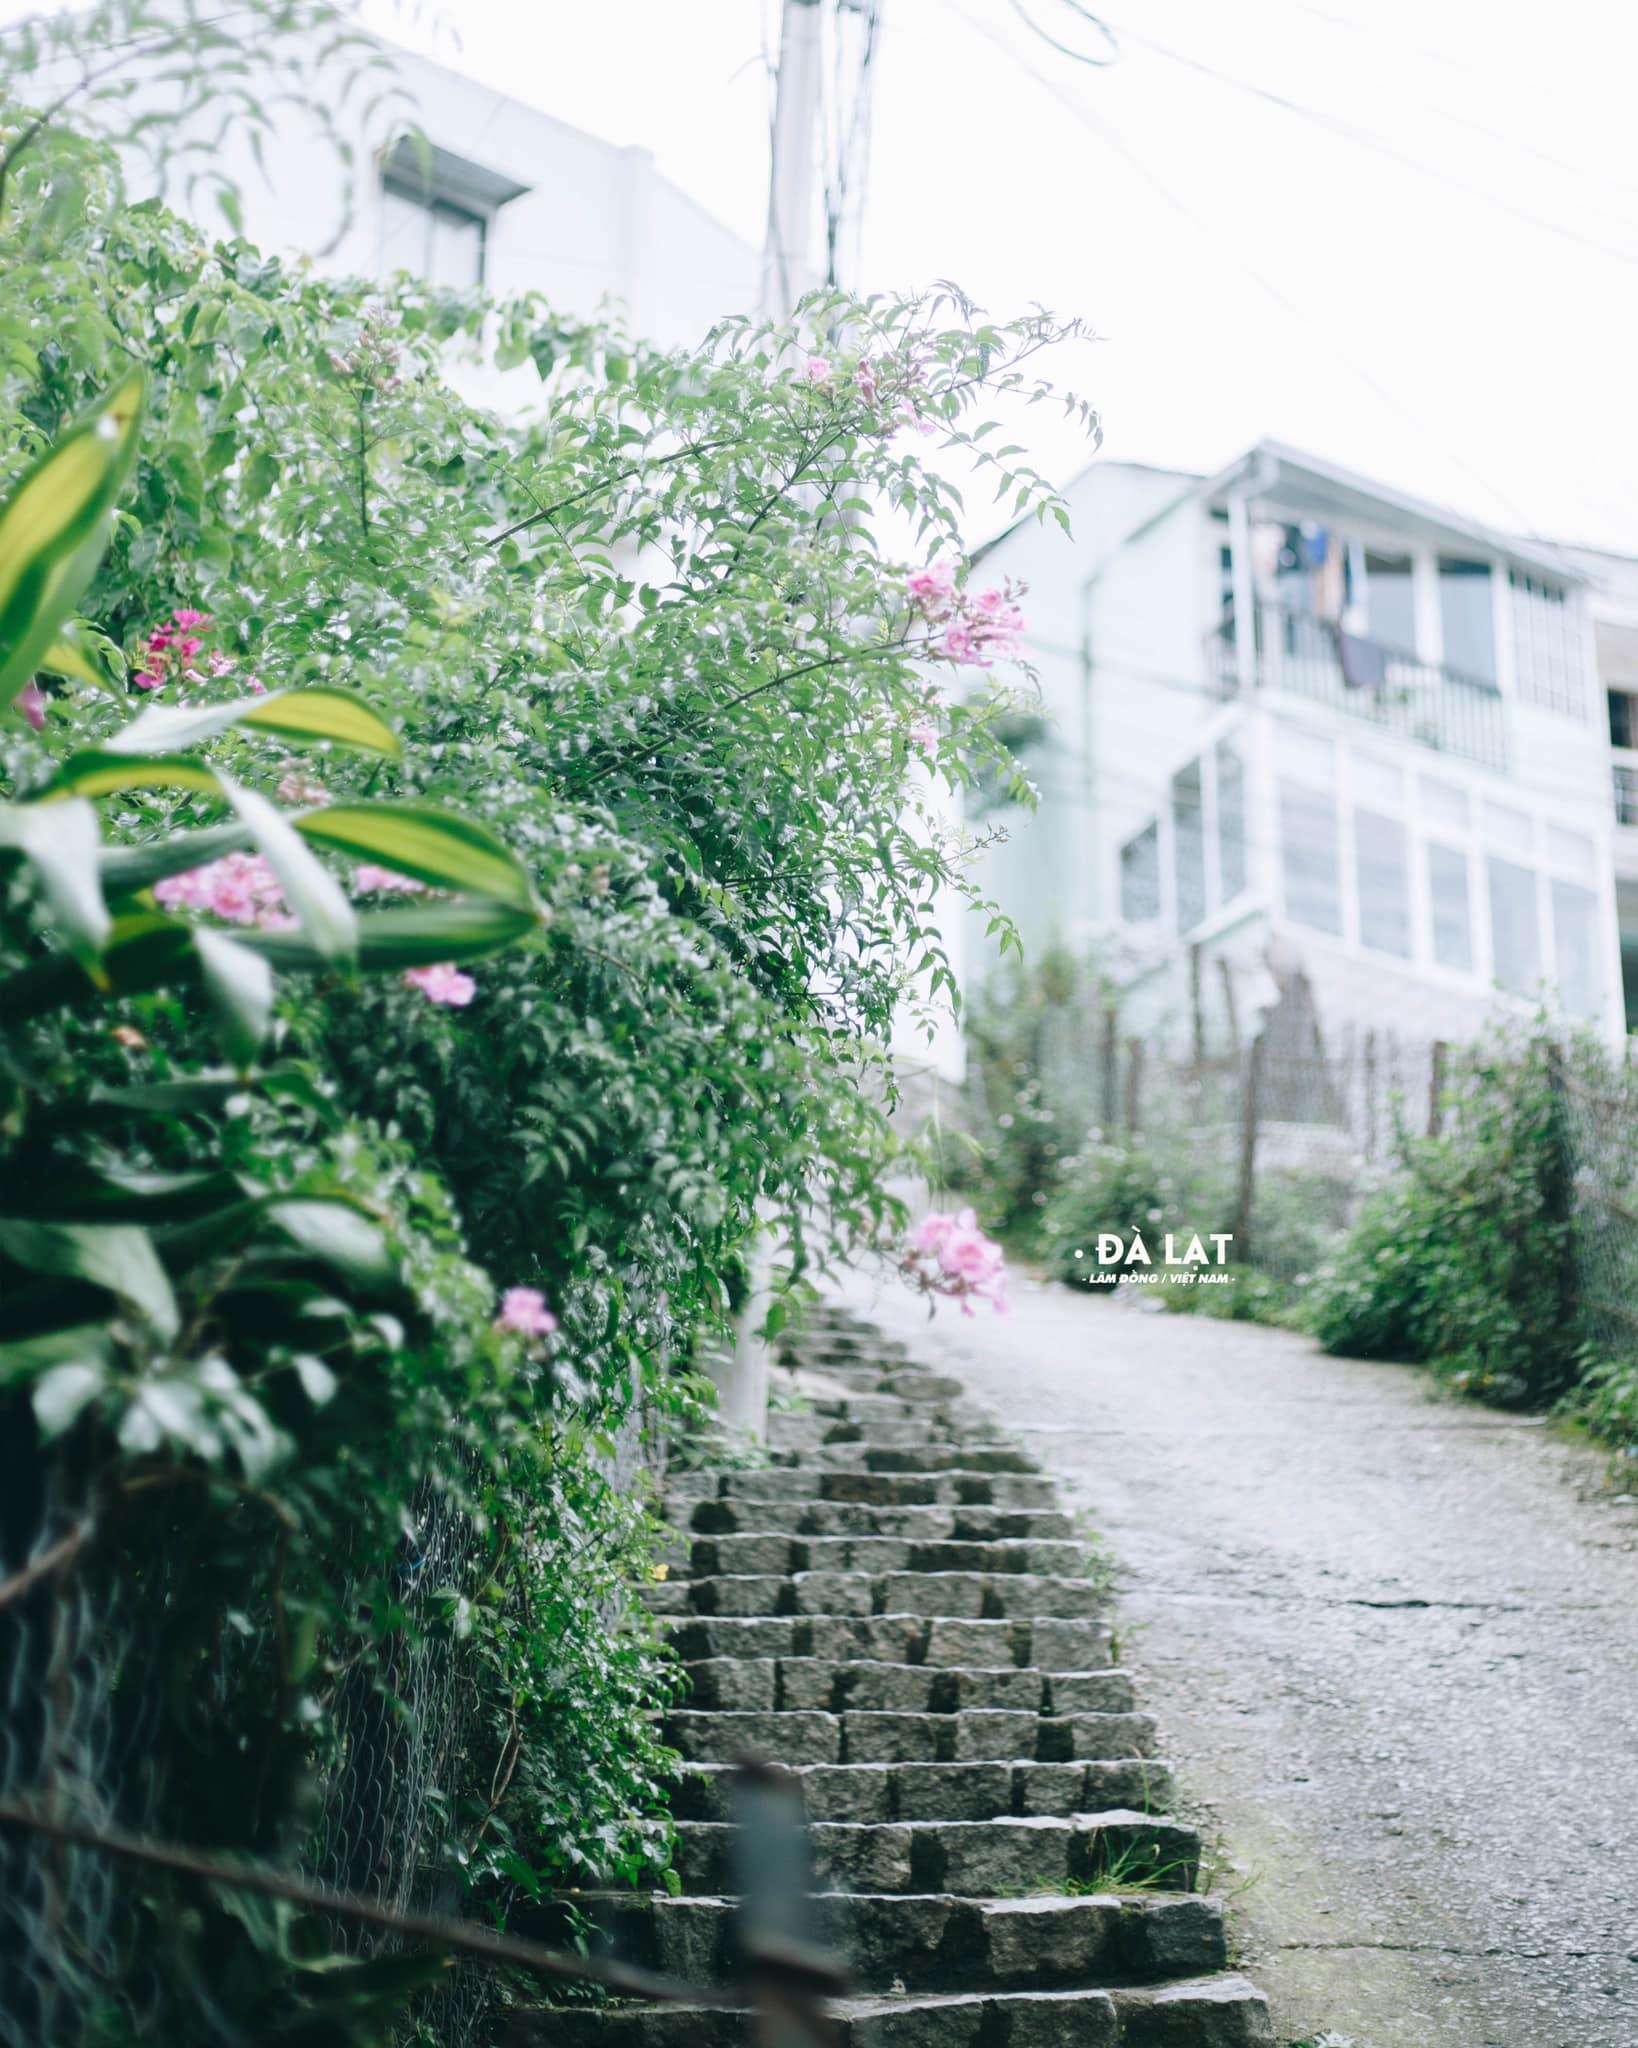 Khám phá lịch sử Đà Lạt - tìm về miền đất ngập tràn sắc hoa nơi phố núi  - Ảnh 10.